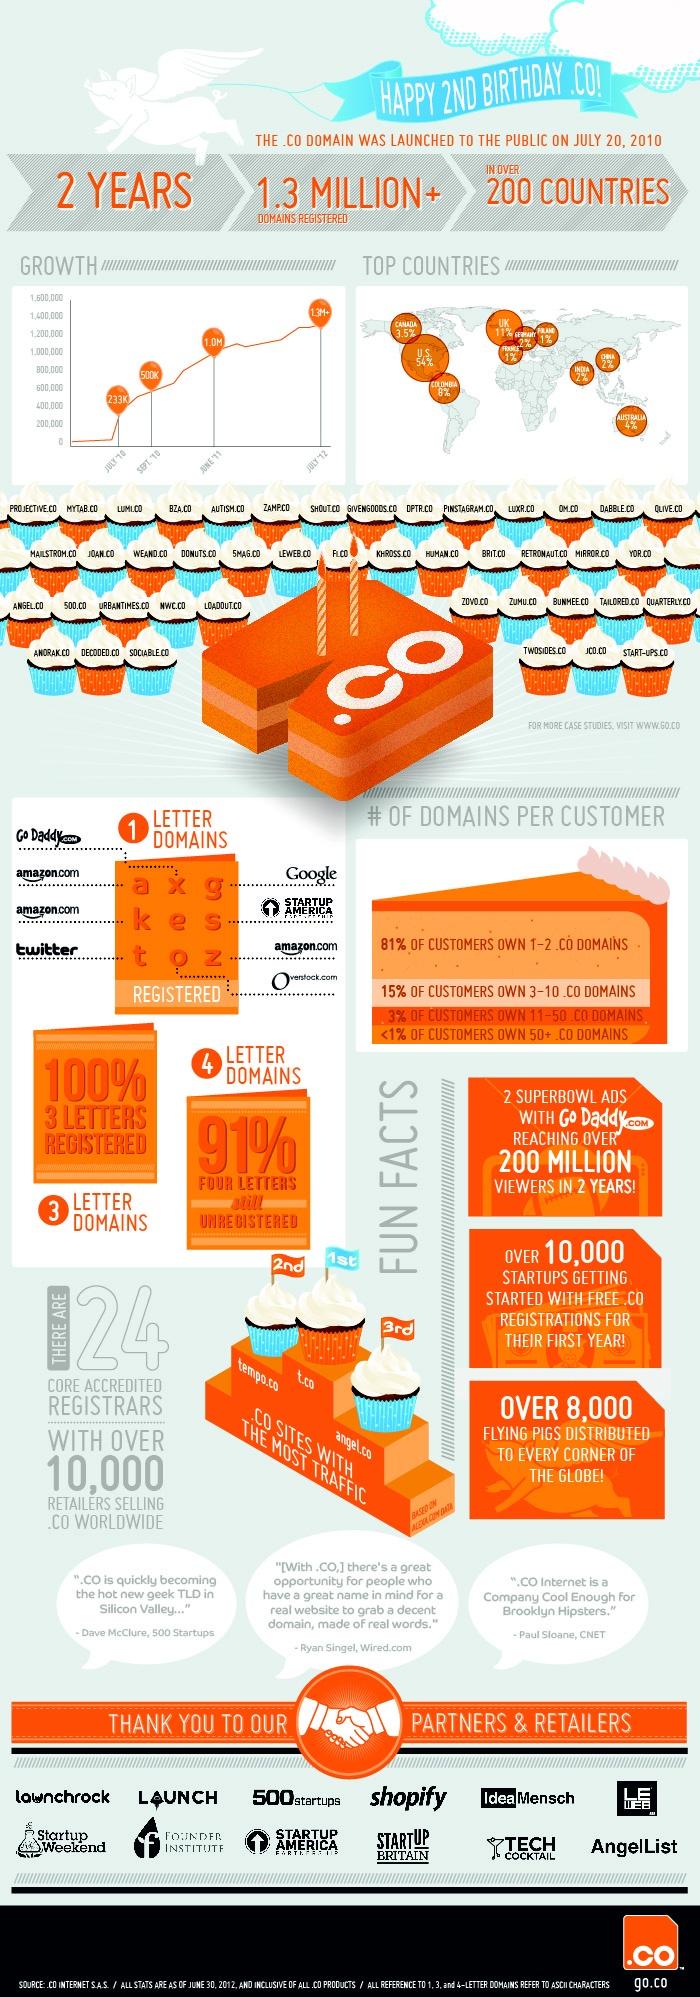 .co Uzantılı Domainler #Infographic #domain https://www.markum.net/domain/domaintescil.asp